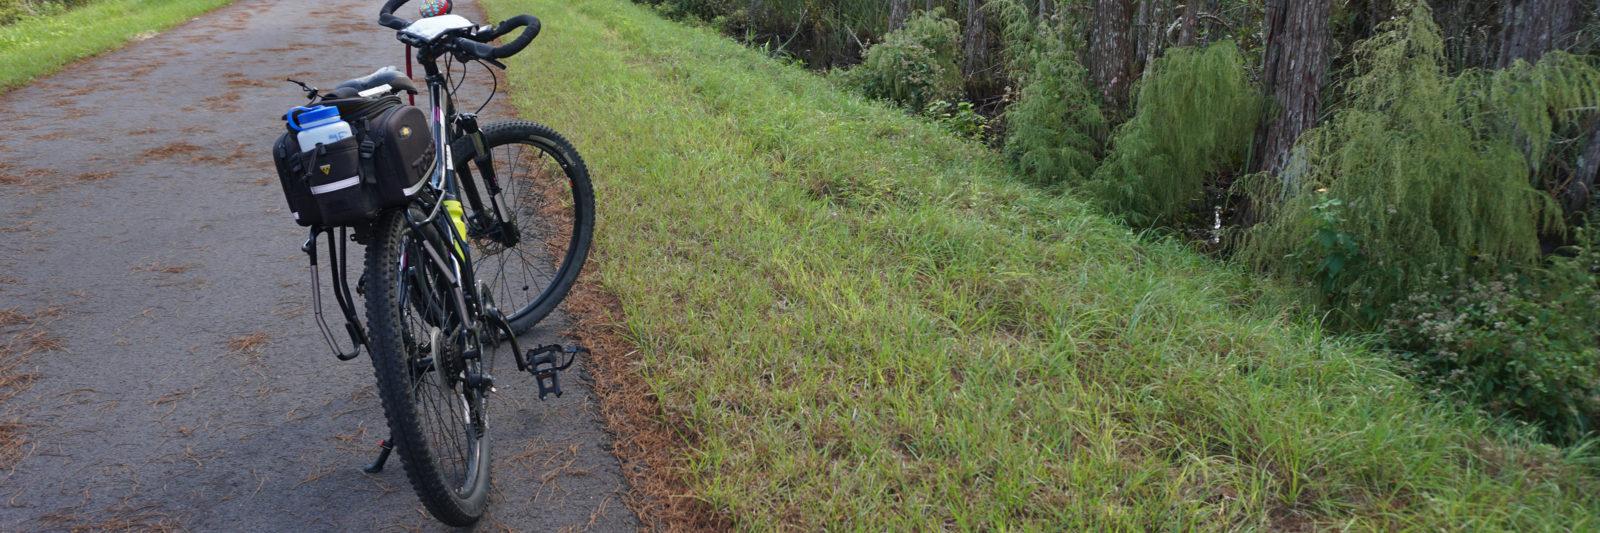 Bikes on the Coast to Coast Volusia